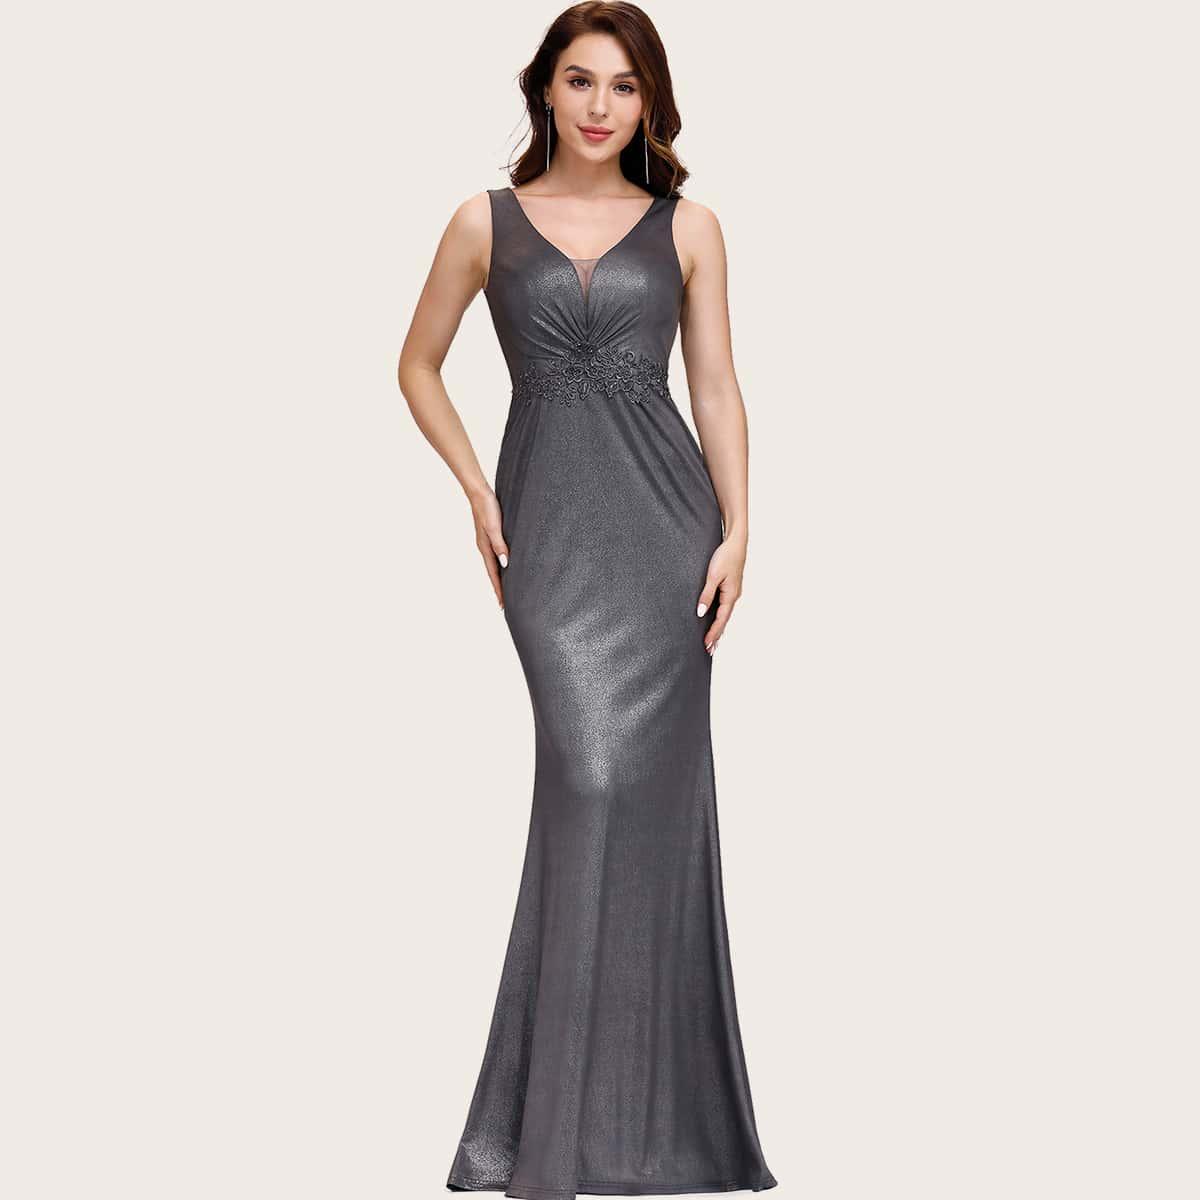 Mermaid Hem Applique Glitter Prom Dress